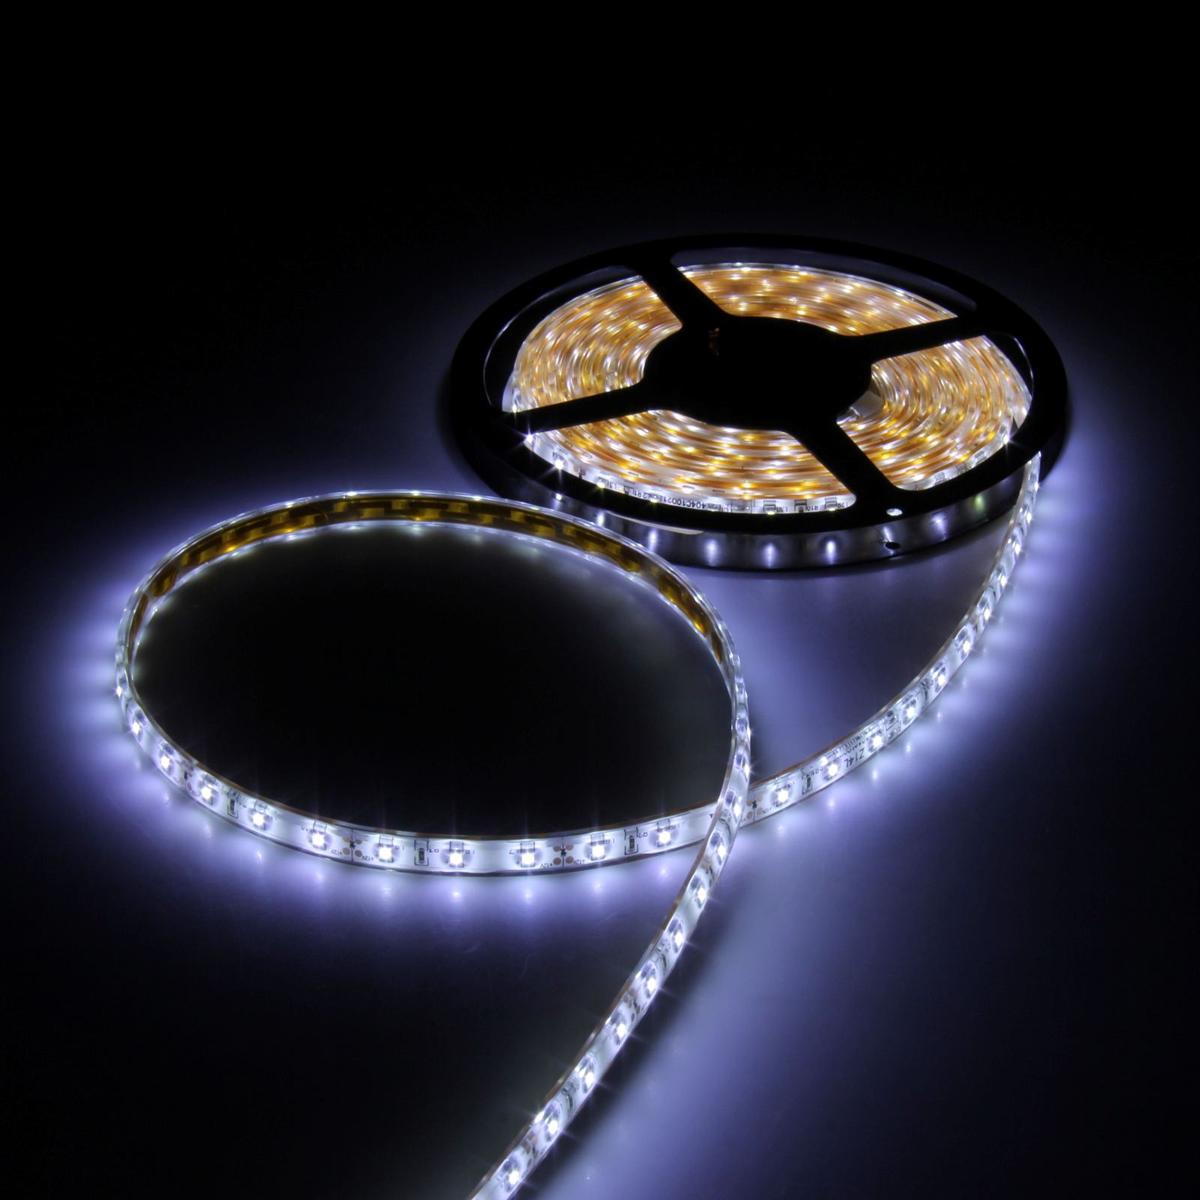 Светодиодная лента Luazon, 12В, SMD3528, длина 5 м, IP68, 60 LED ламп, 4.8 Вт/м, 6-7 Лм/1 LED, DC, цвет: белый883890Светодиодные гирлянды, ленты и т.д — это отличный вариант для новогоднего оформления интерьера или фасада. С их помощью помещение любого размера можно превратить в праздничный зал, а внешние элементы зданий, украшенные ими, мгновенно станут напоминать очертания сказочного дворца. Такие украшения создают ауру предвкушения чуда. Деревья, фасады, витрины, окна и арки будто специально созданы, чтобы вы украсили их светящимися нитями.